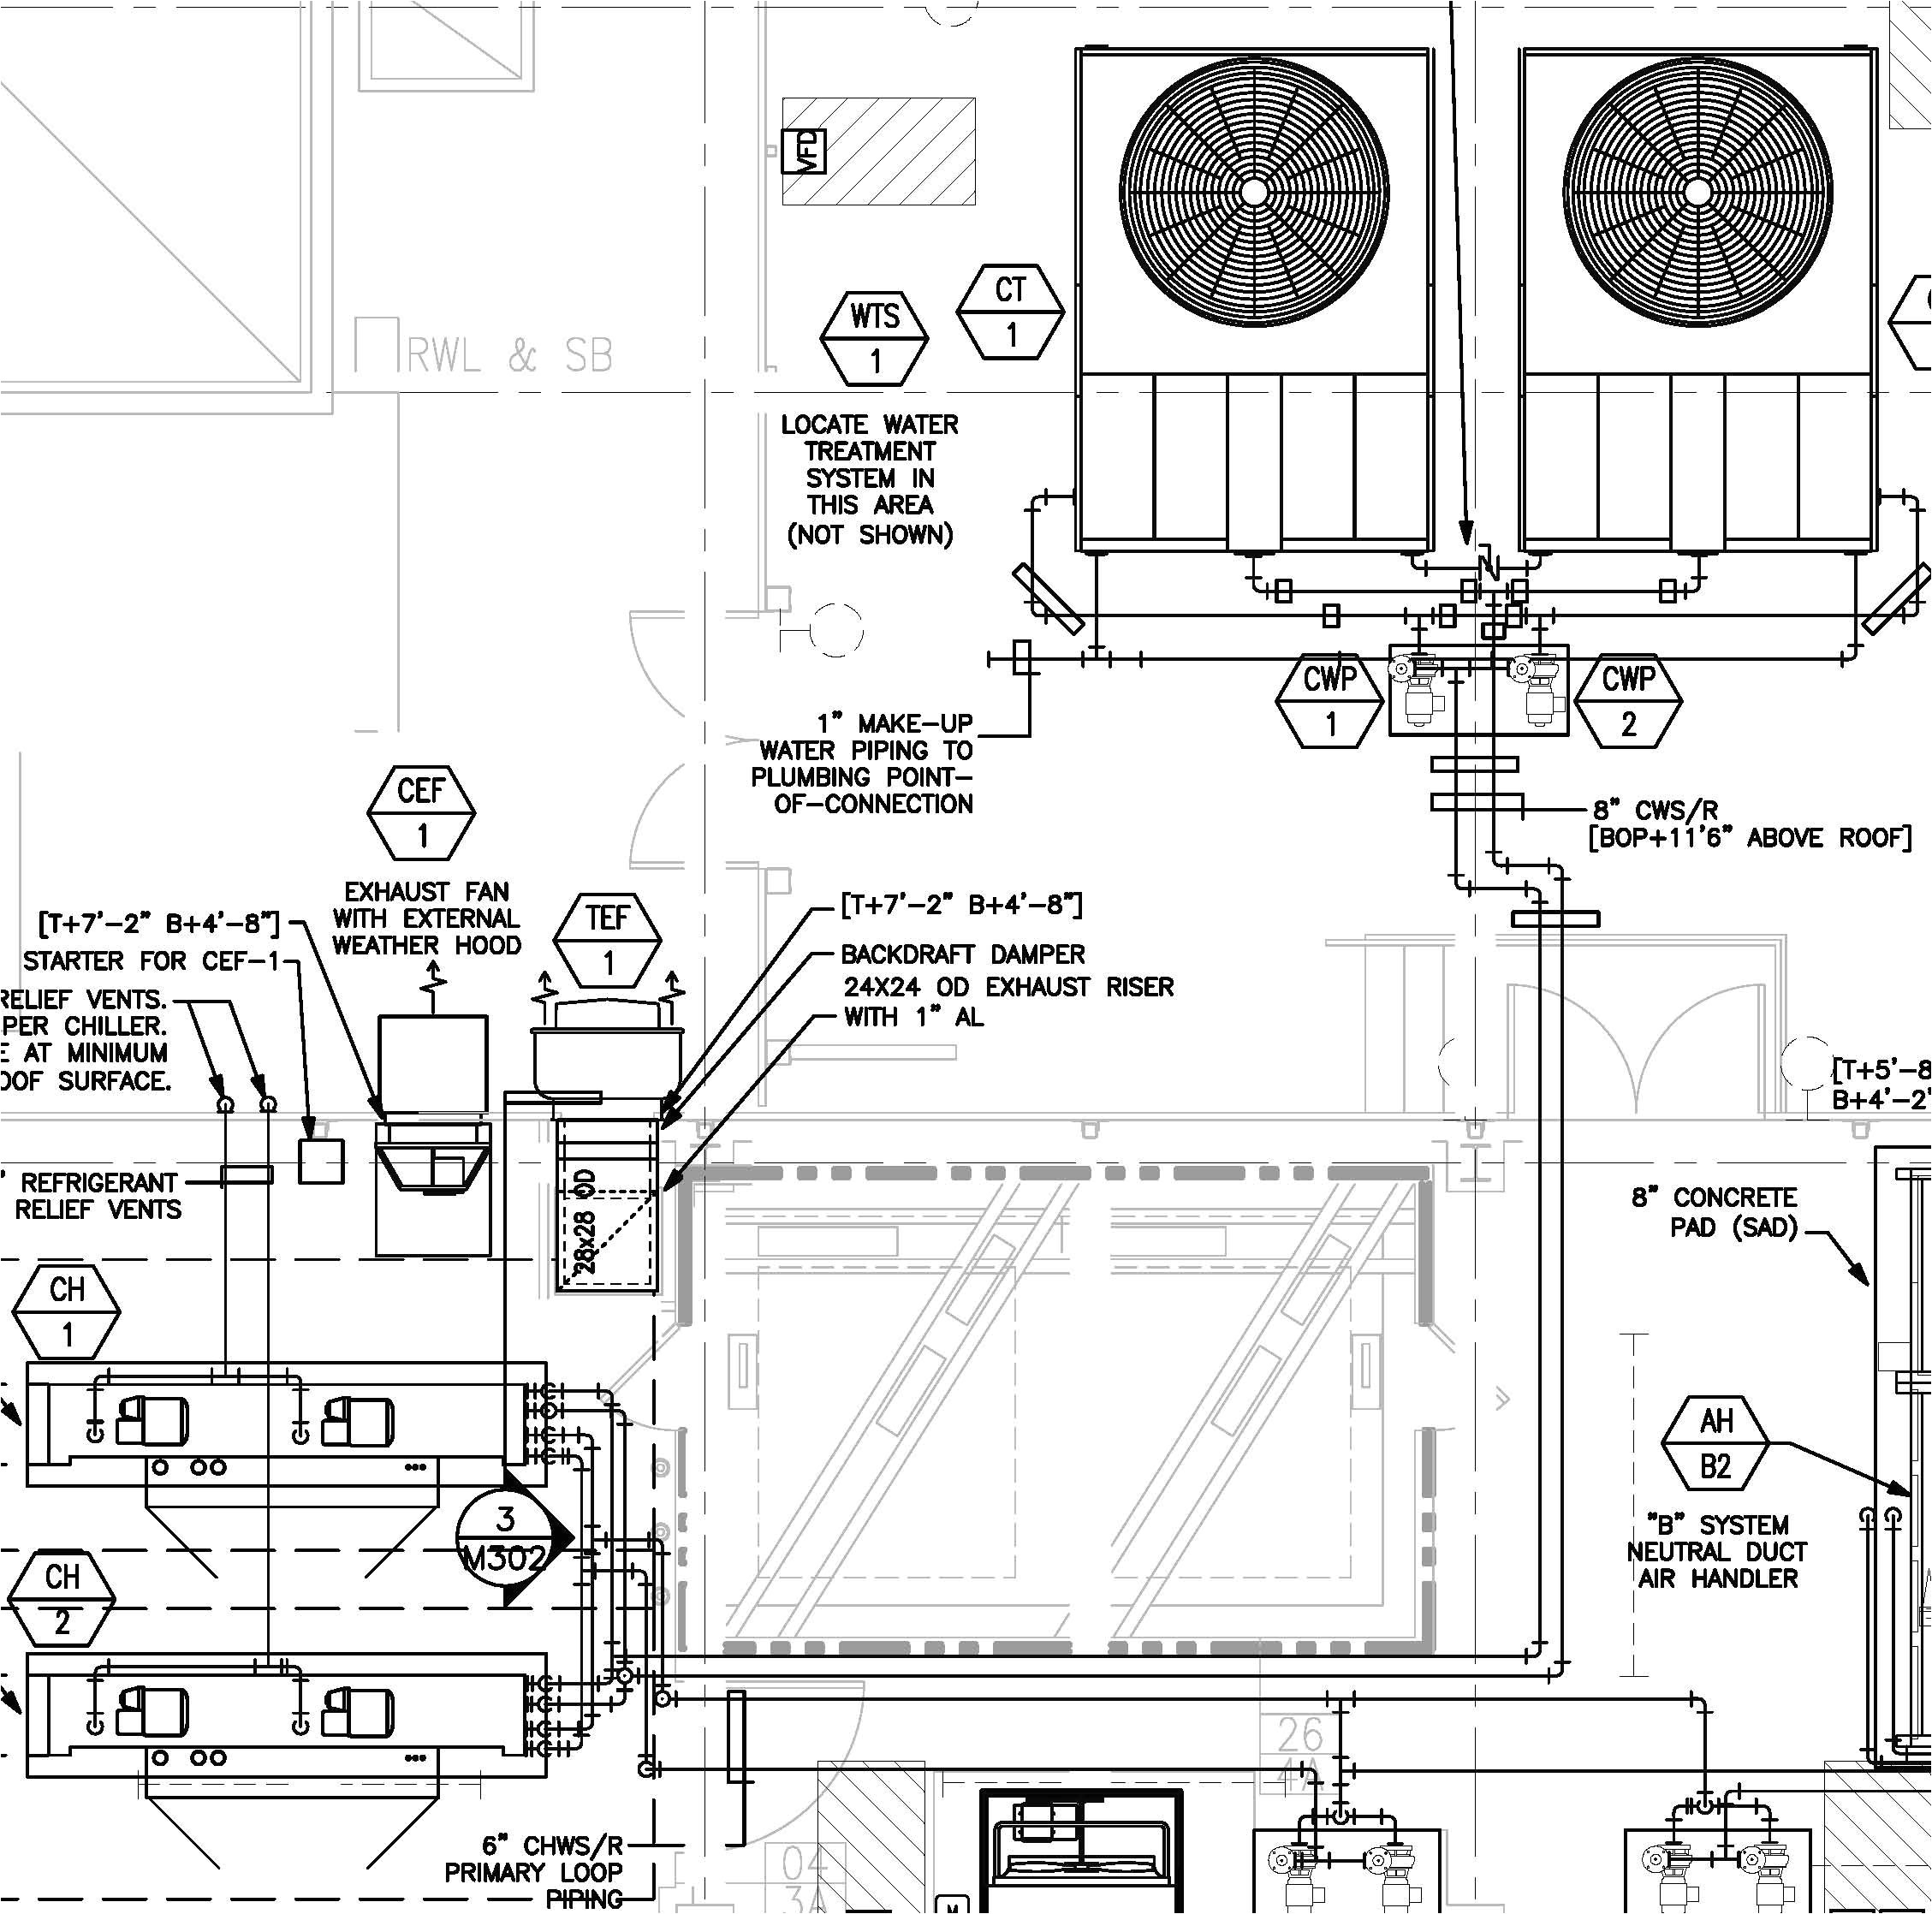 komatsu wiring schematics schema wiring diagram d39 komatsu wiring diagram